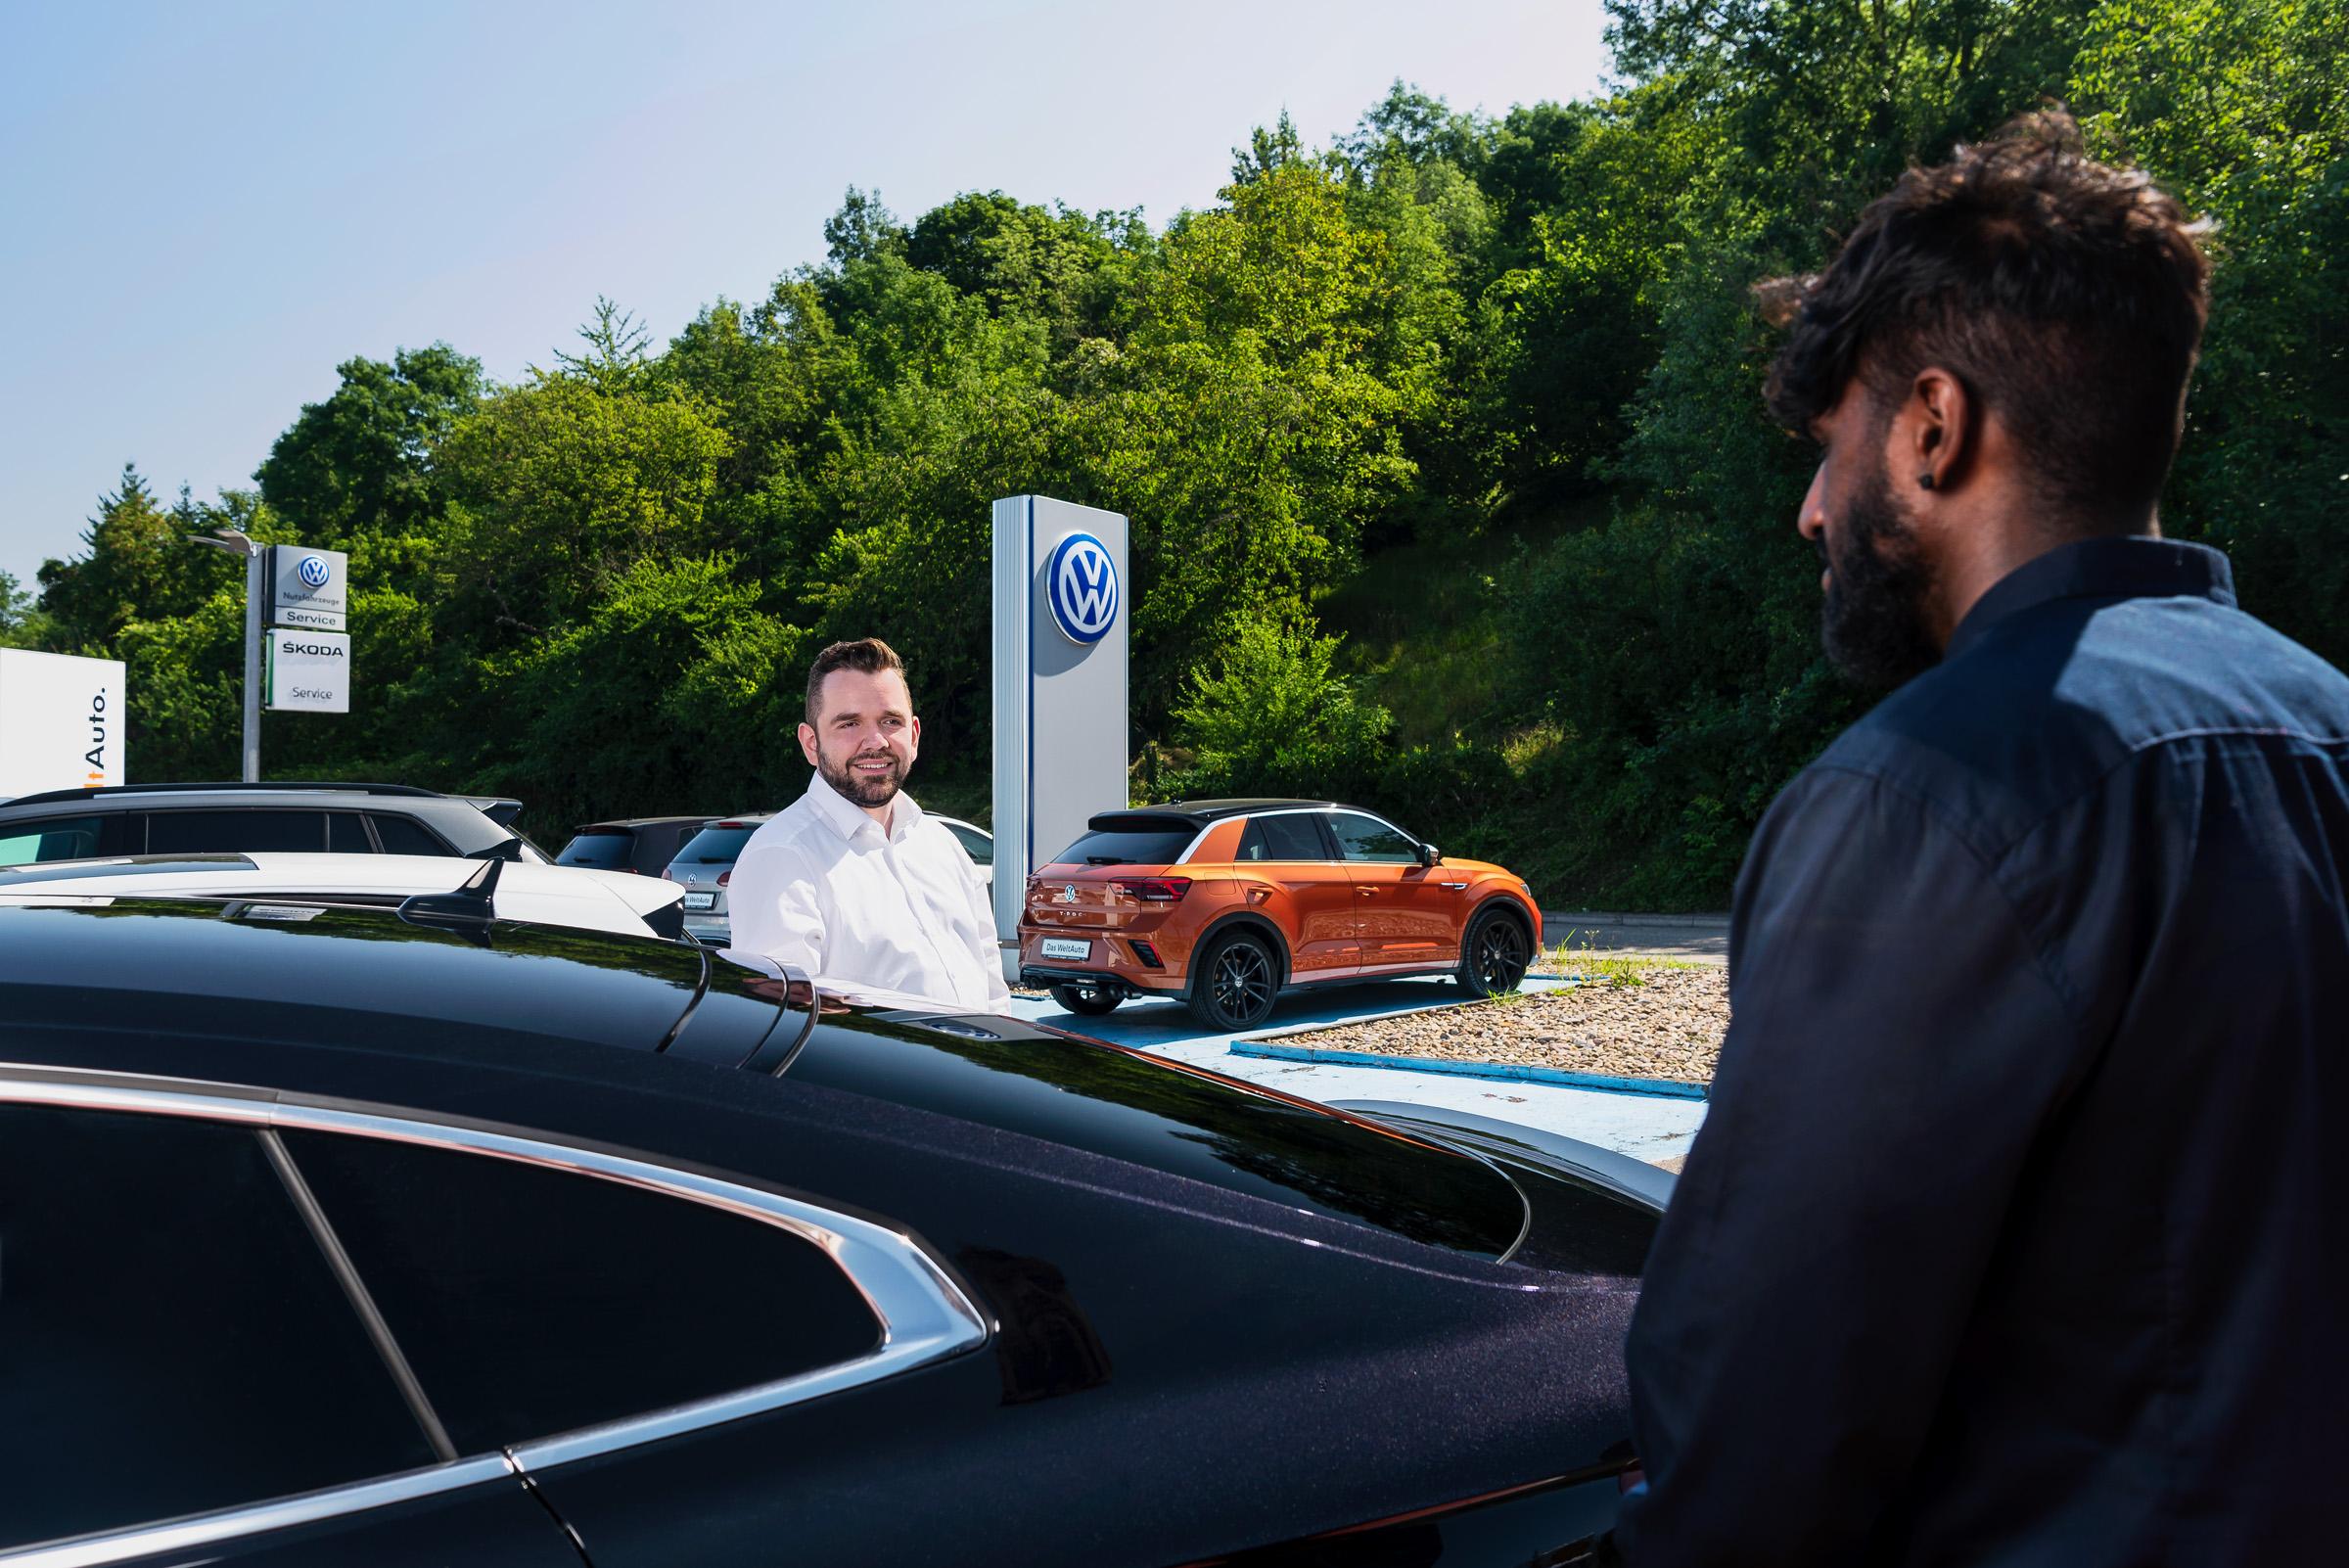 autohaus-morrkopf-weingarten-gebrauchtwagen-leasing-KFZ-Neuwagen-Gebrauchte-Verkauf